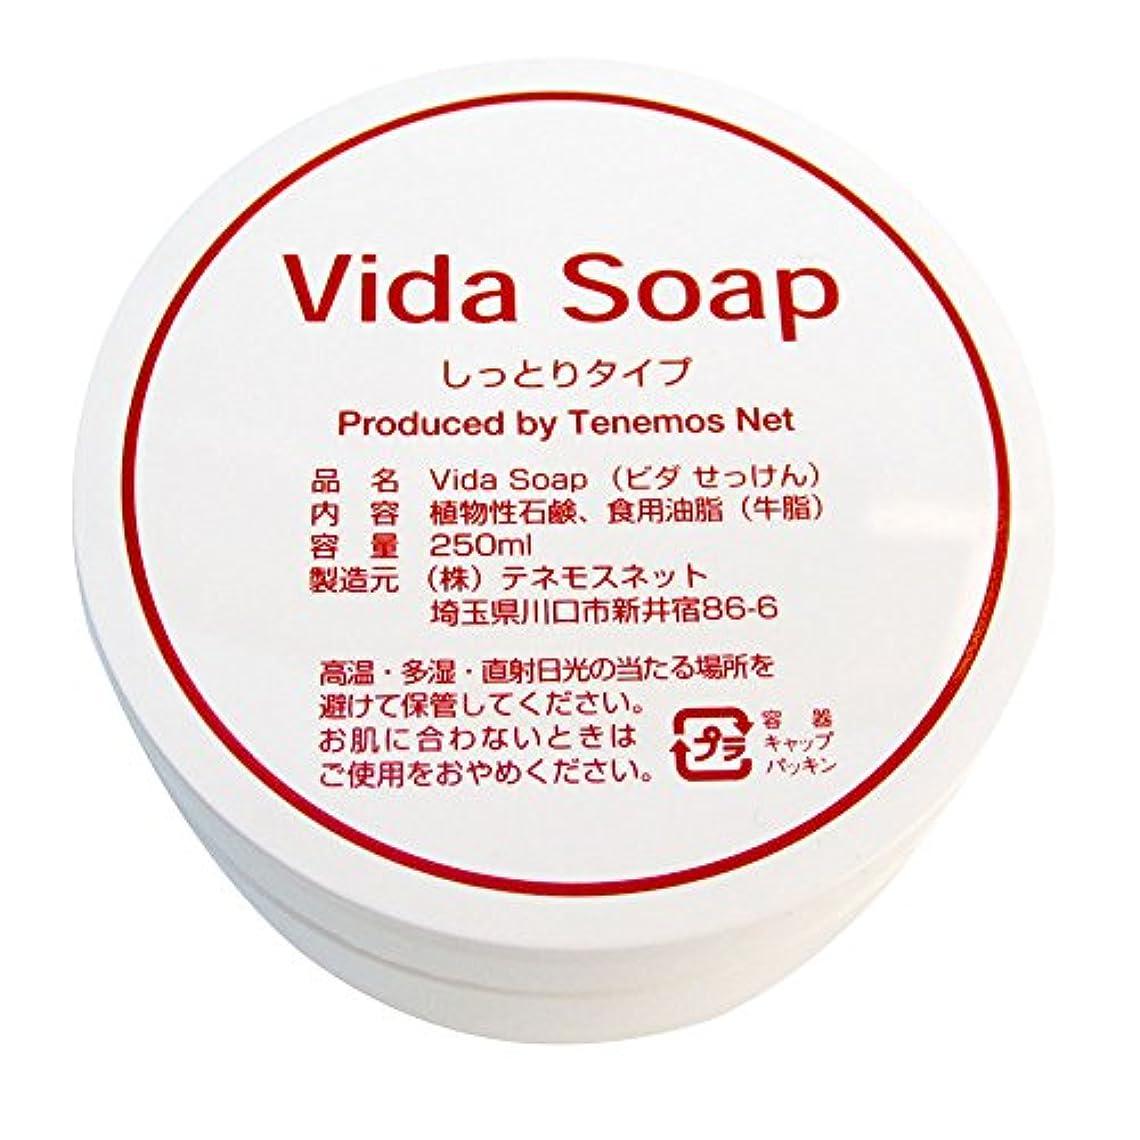 レンジ起点本当のことを言うとテネモス ビダせっけん Vida Soap しっとりノーマル 動物性 250ml